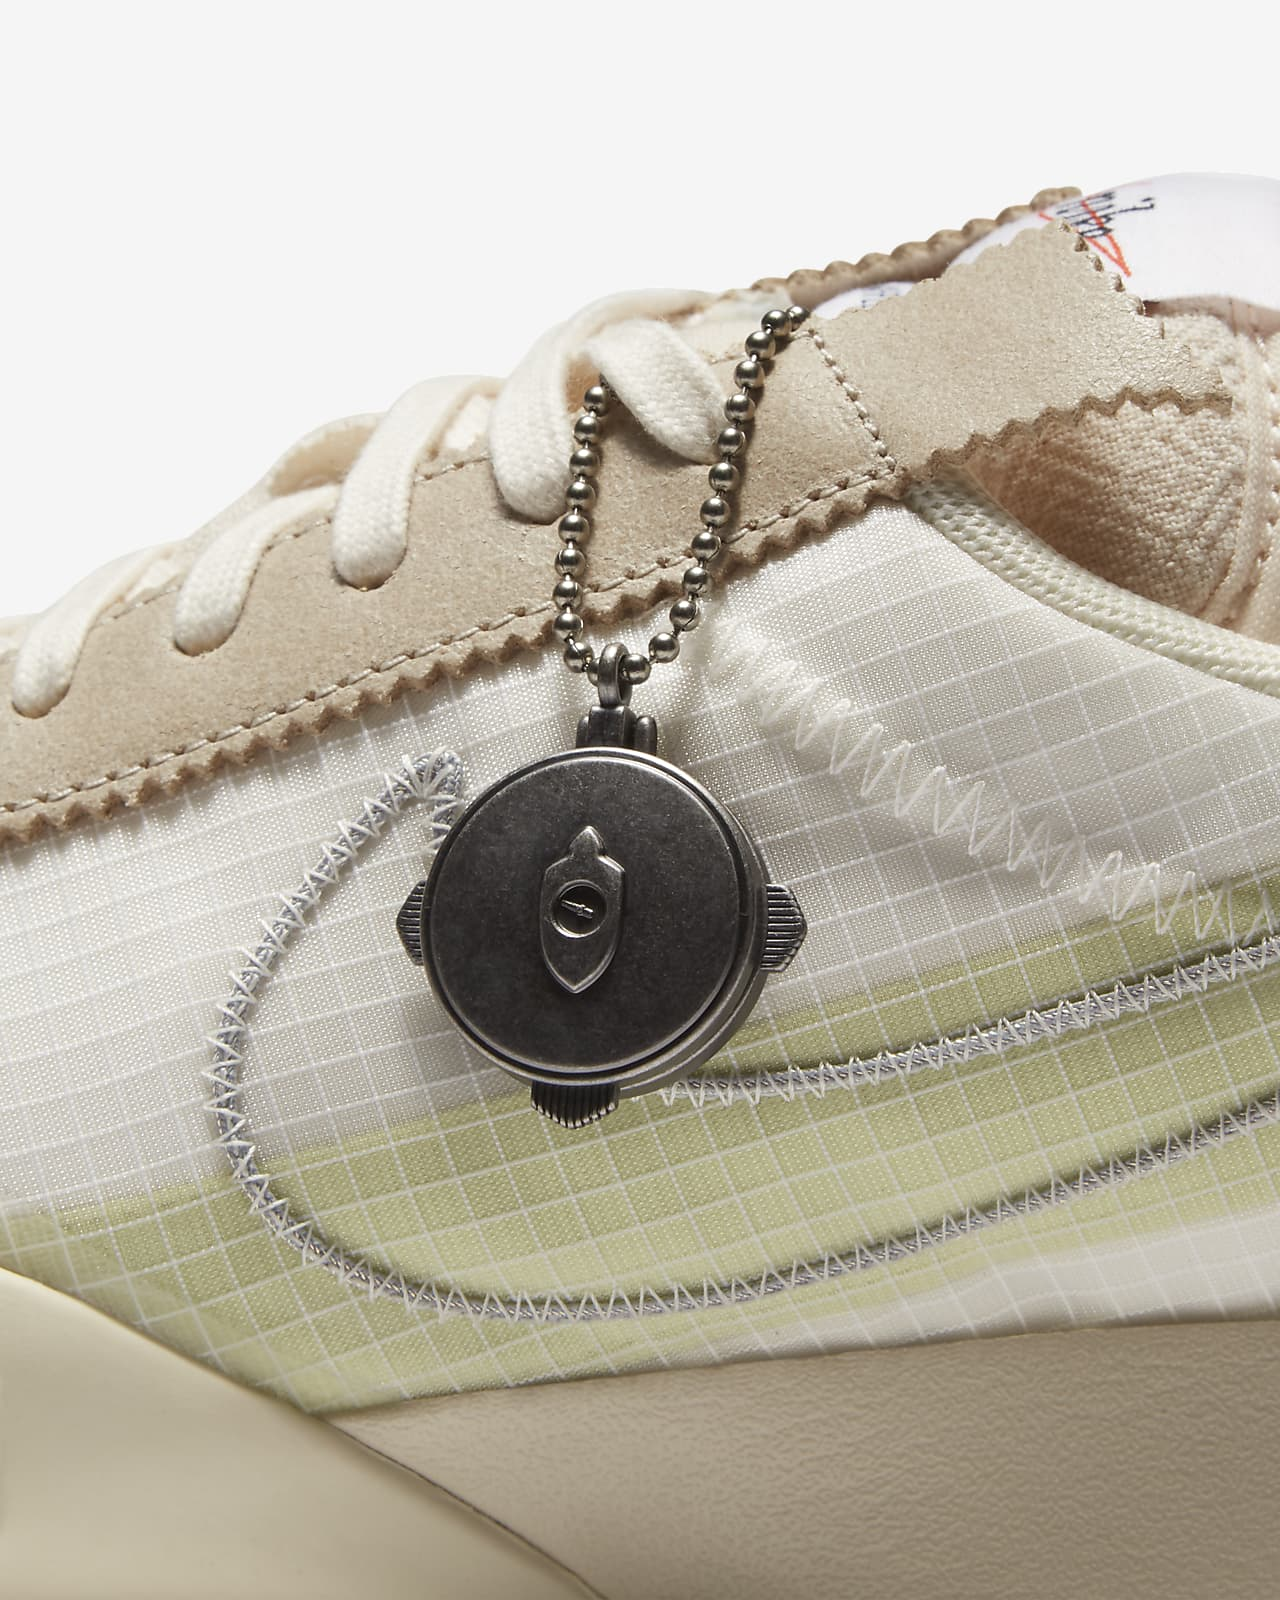 Nike Waffle Racer LX Women's Shoe. Nike LU